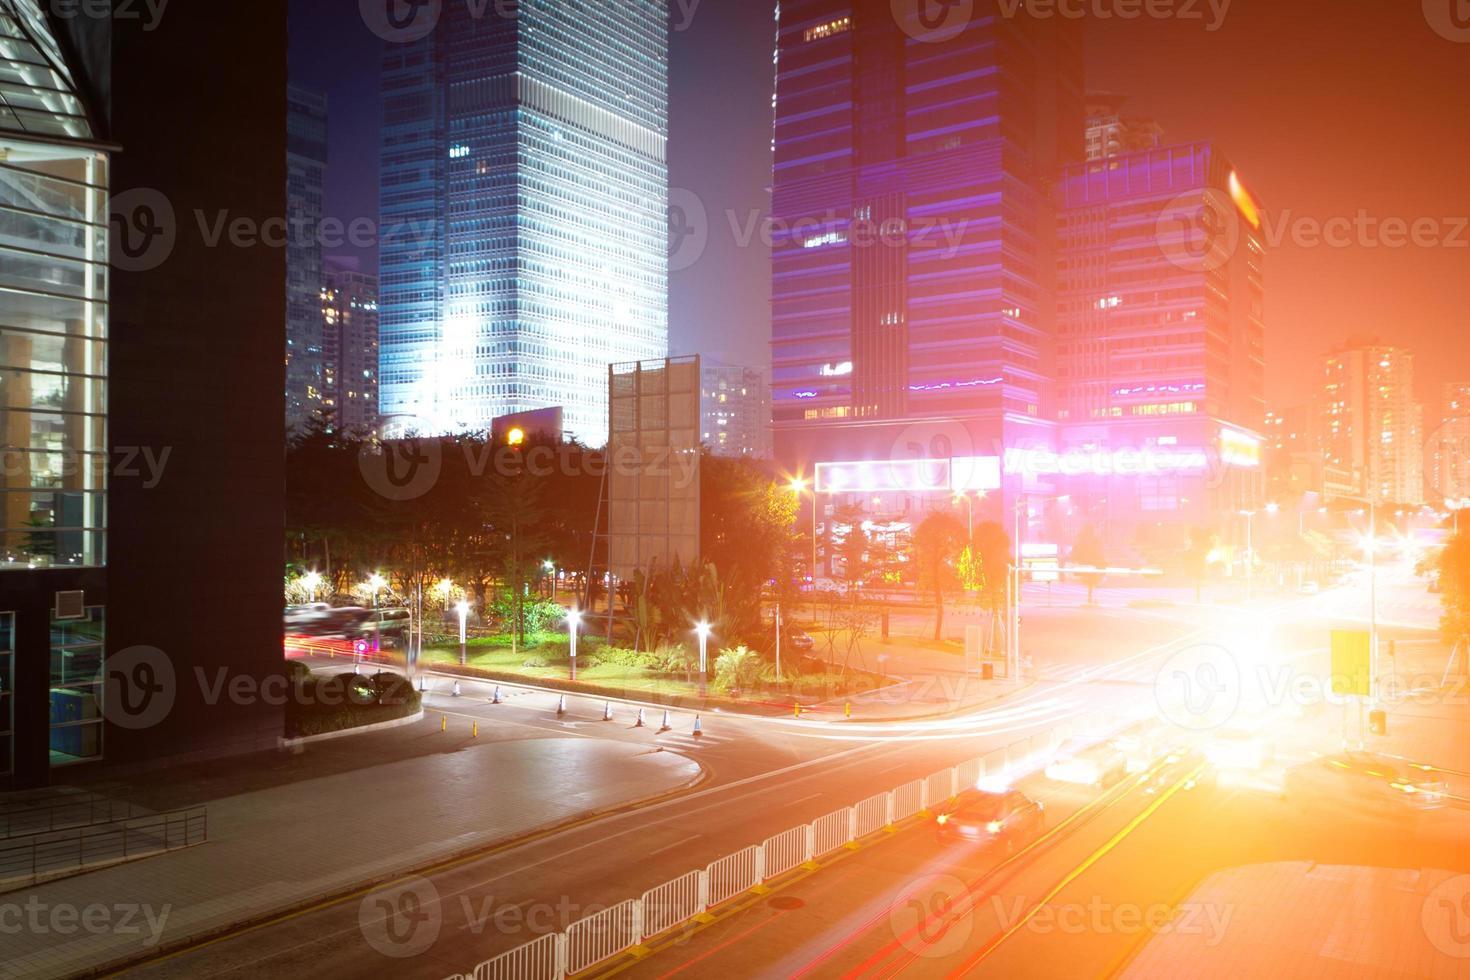 moderne stad nacht achtergrond foto